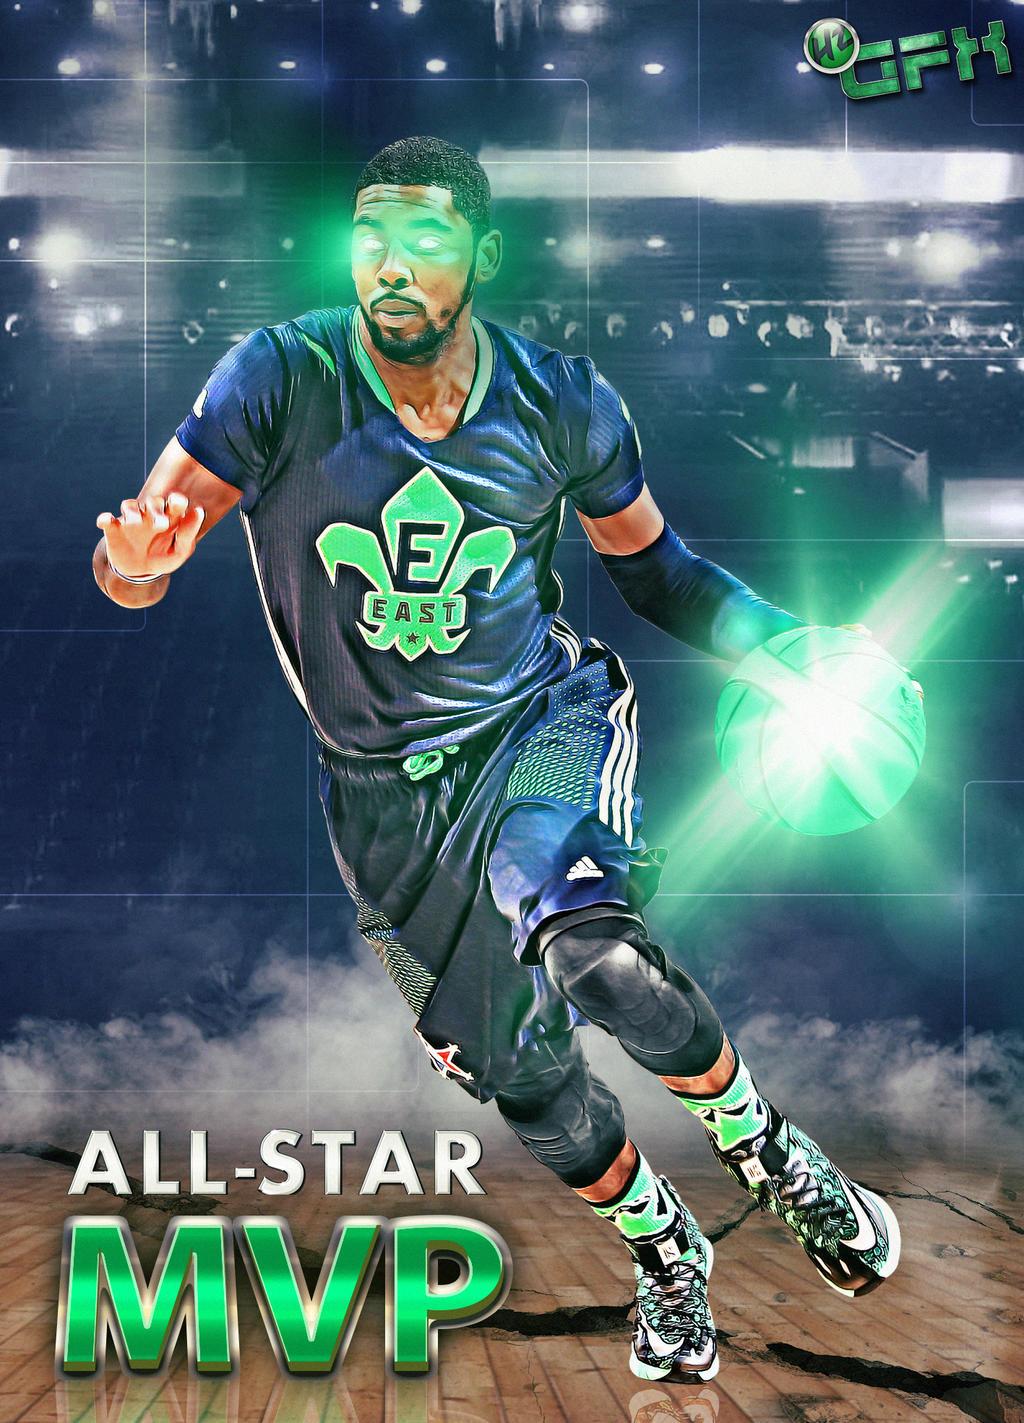 2014 NBA All Star MVP Kyrie Irving By HZ Designs